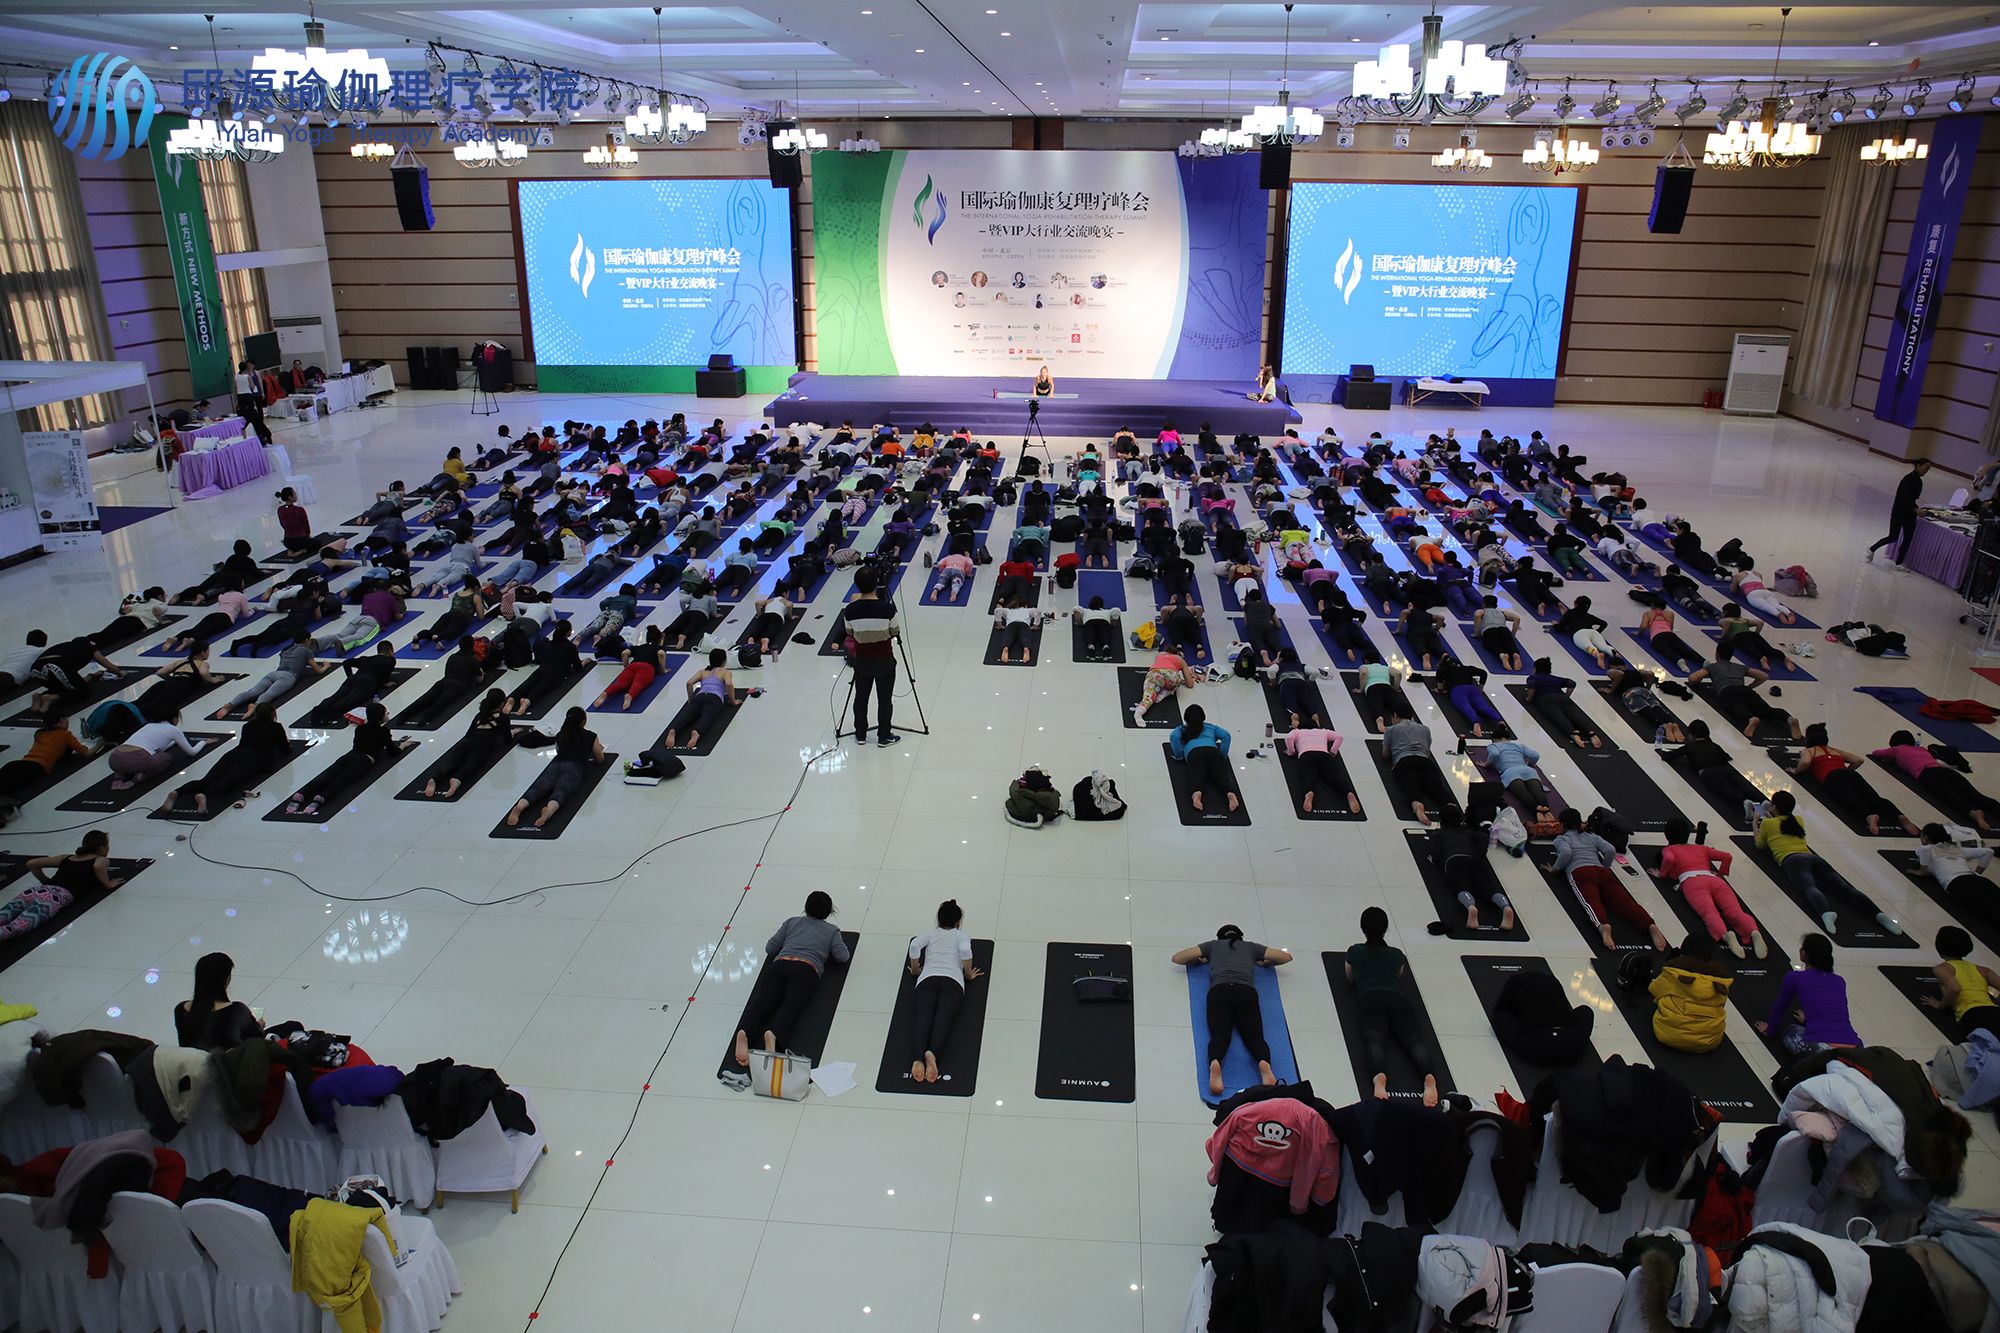 首届国际瑜伽康复理疗峰会圆满落幕